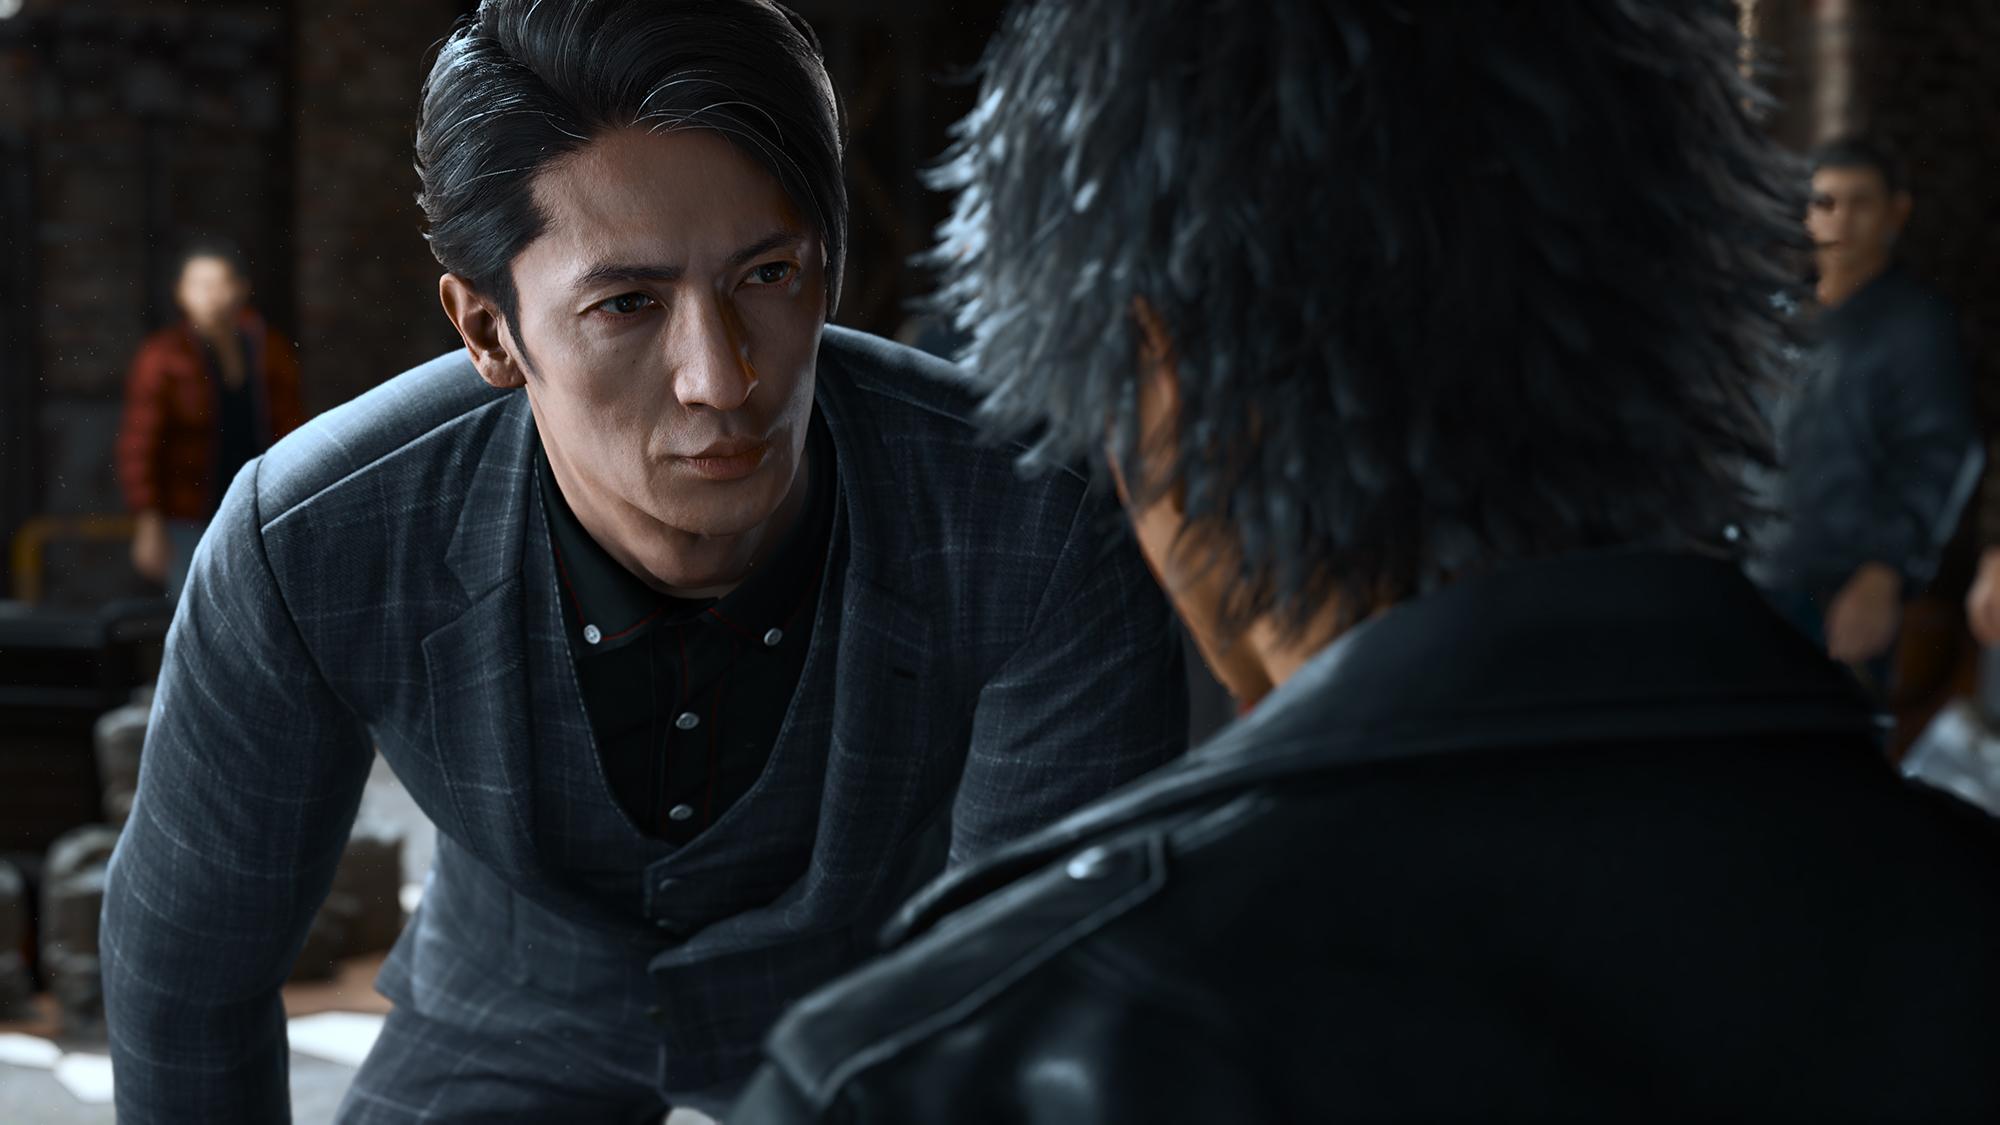 《审判之逝》玉木宏、光石研访谈影像公布 讲述角色剧情表现